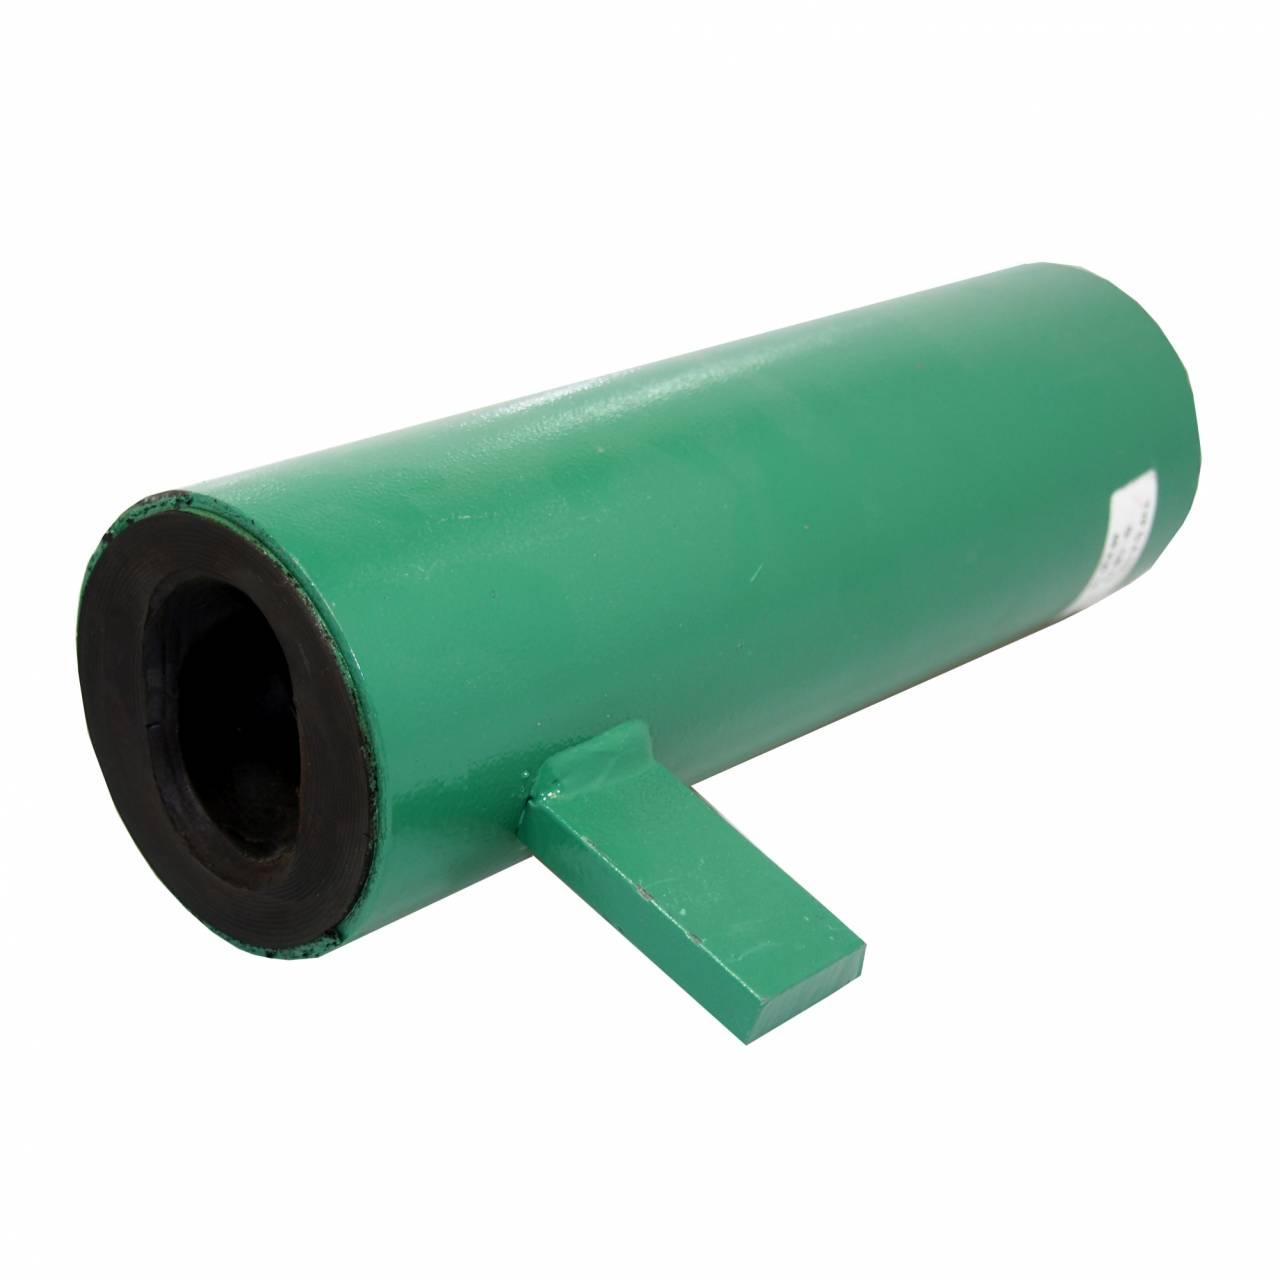 Schneckenmantel / Stator D4 1/2 L grün